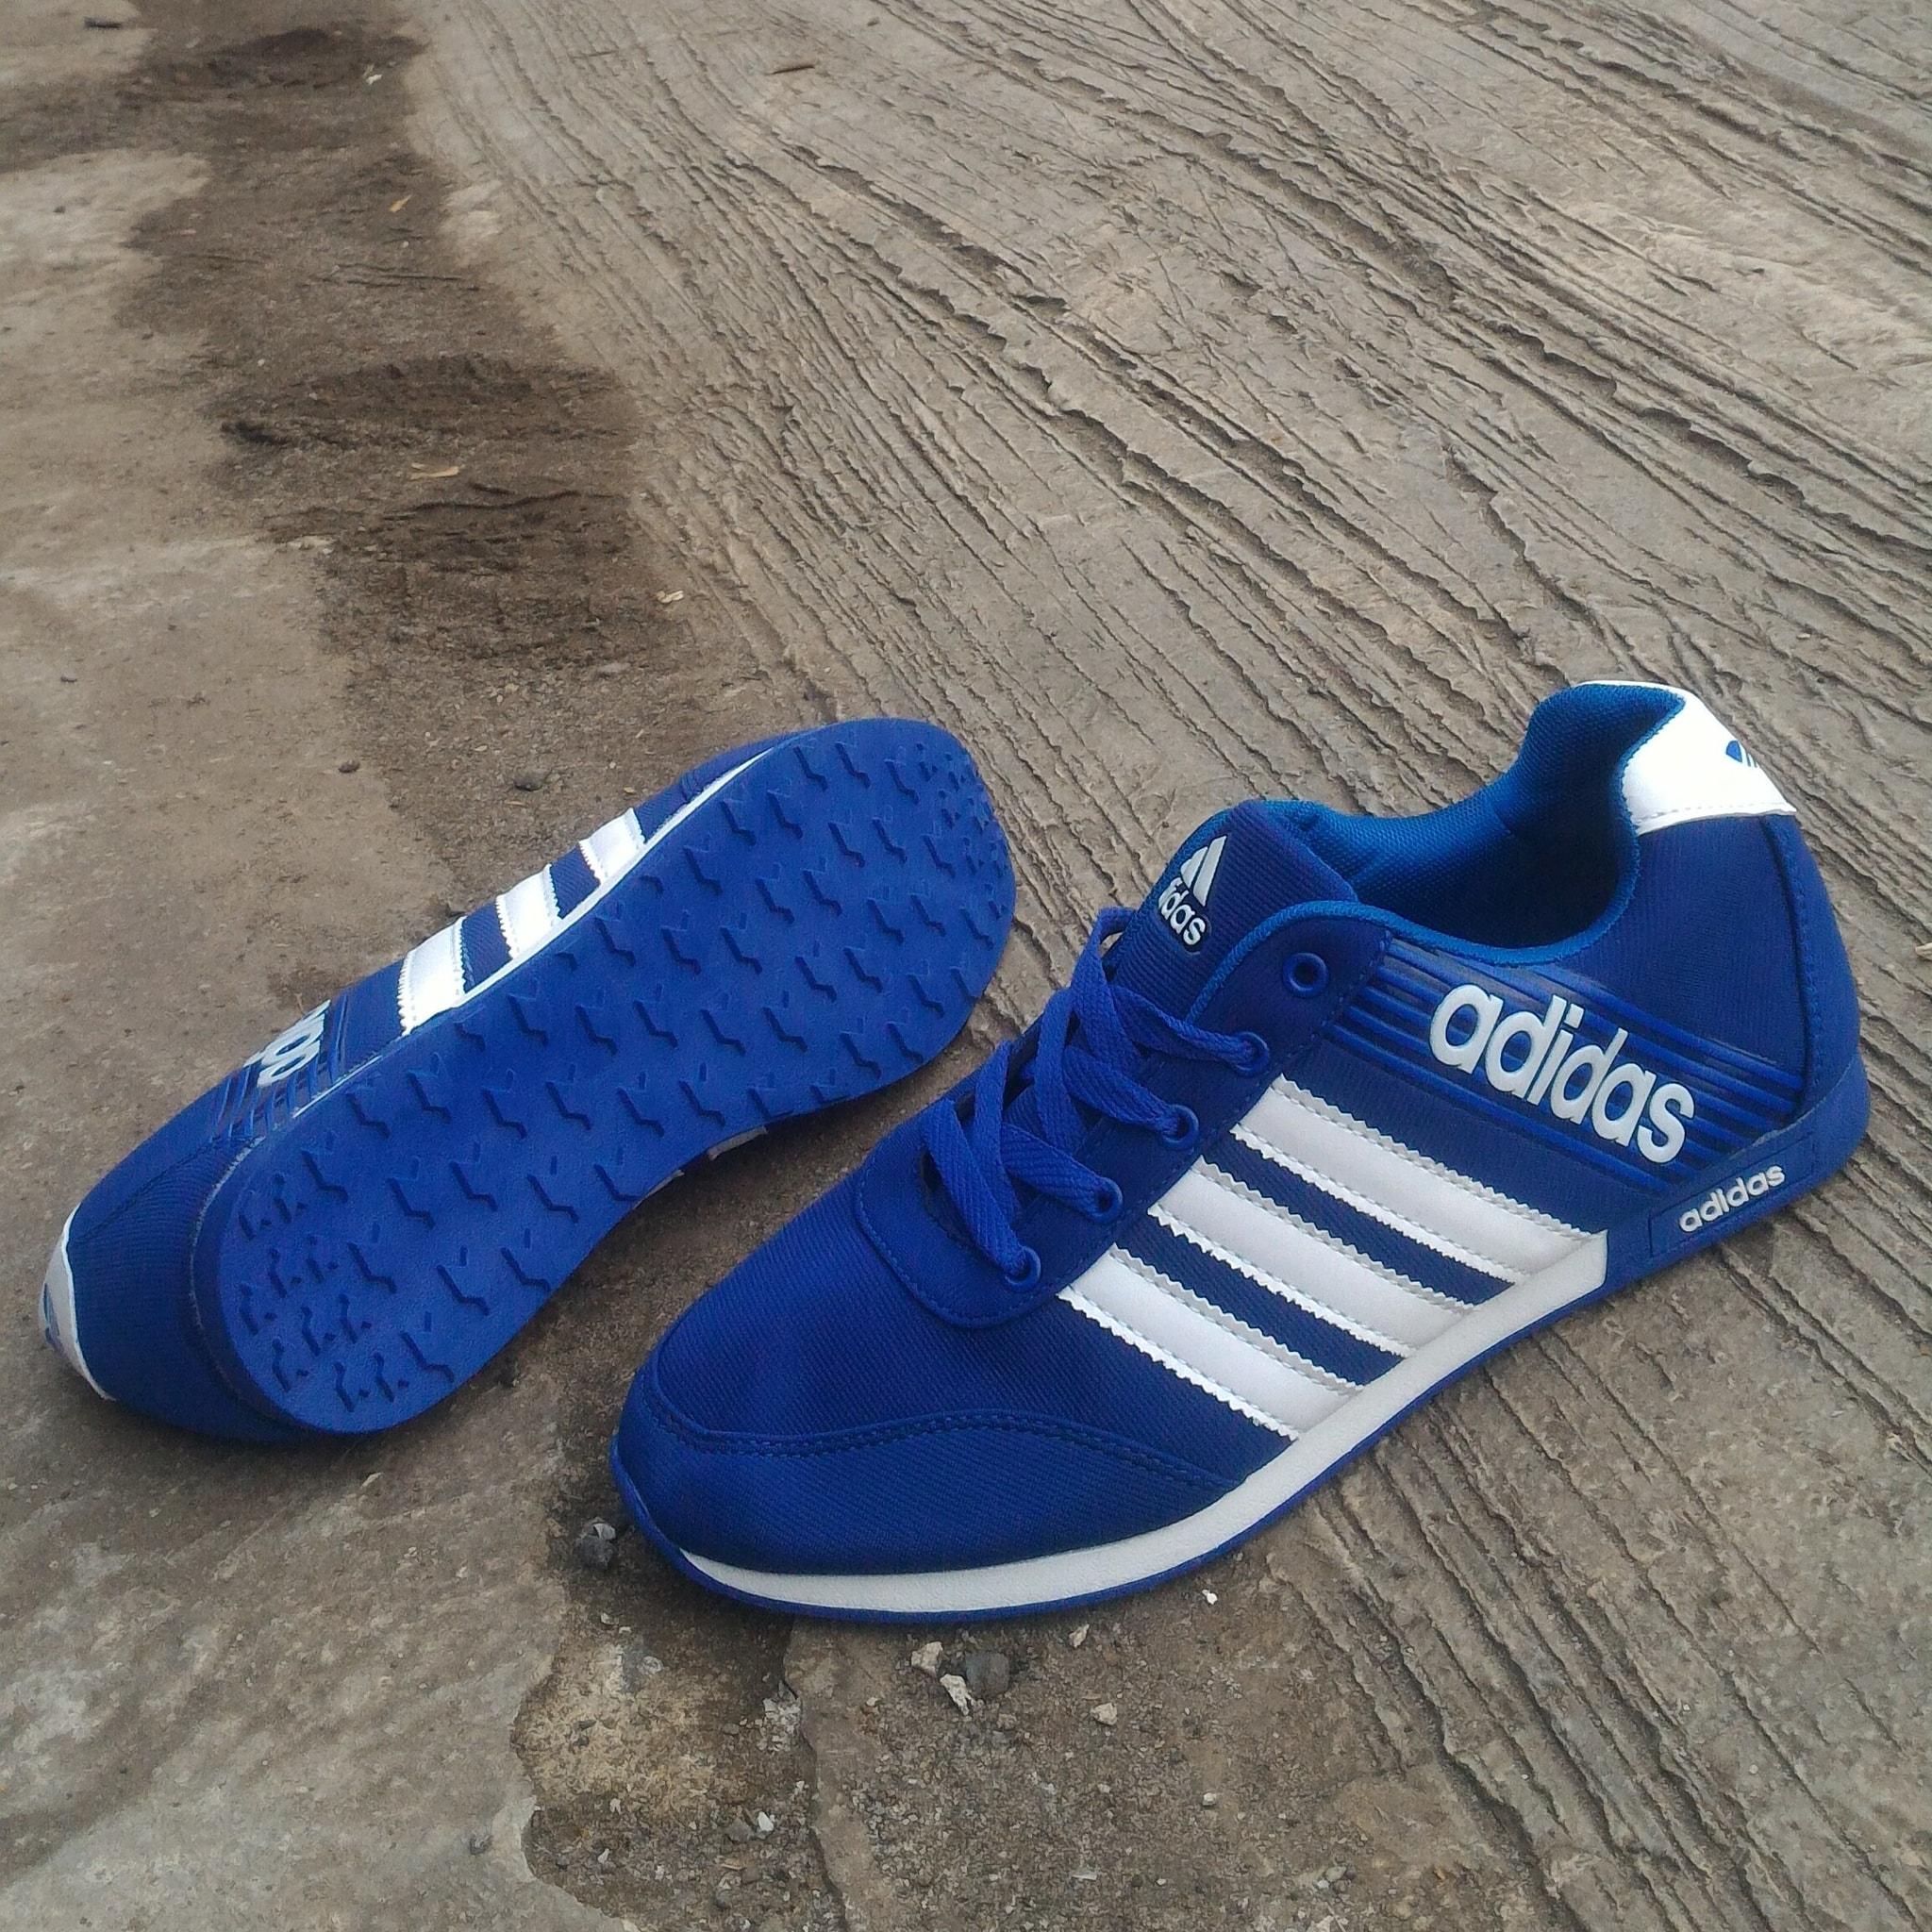 sepatu adidas neo star sepatu casual pria sepatu lari running